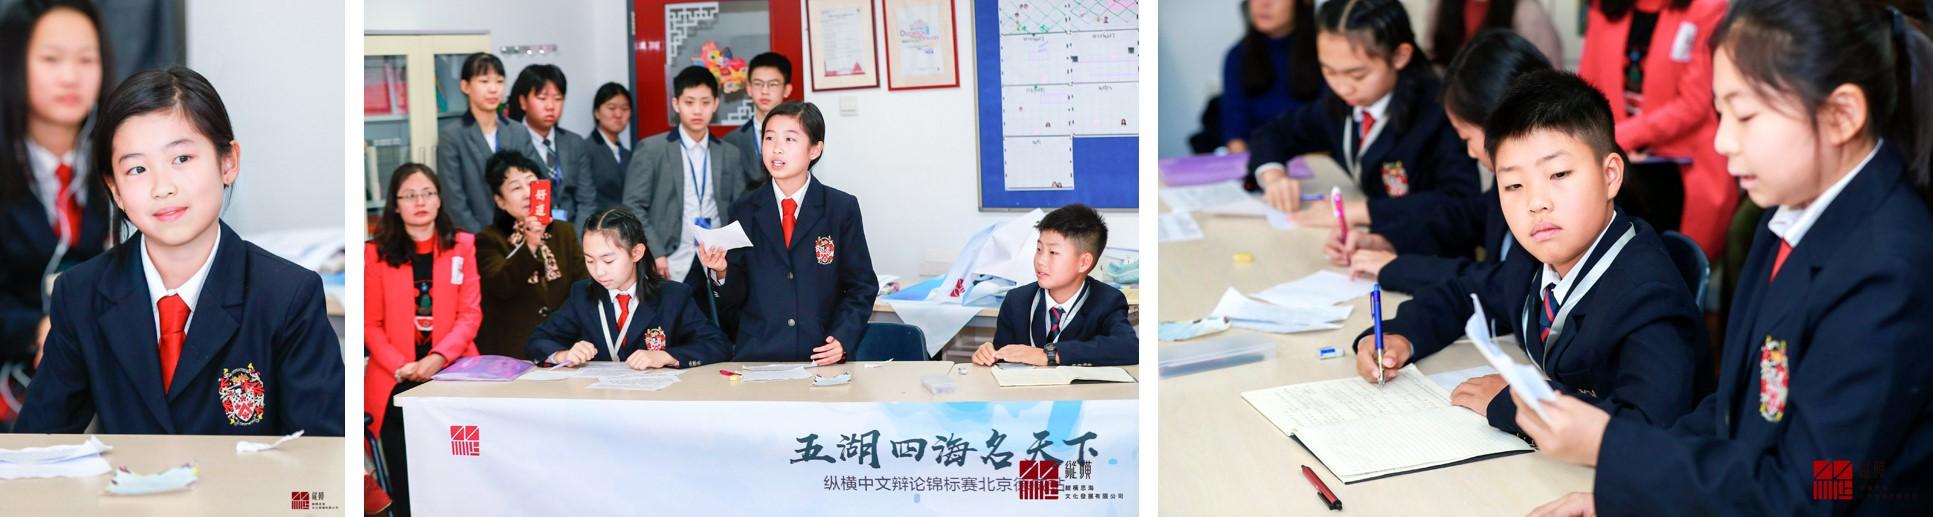 Zongheng Cup debating